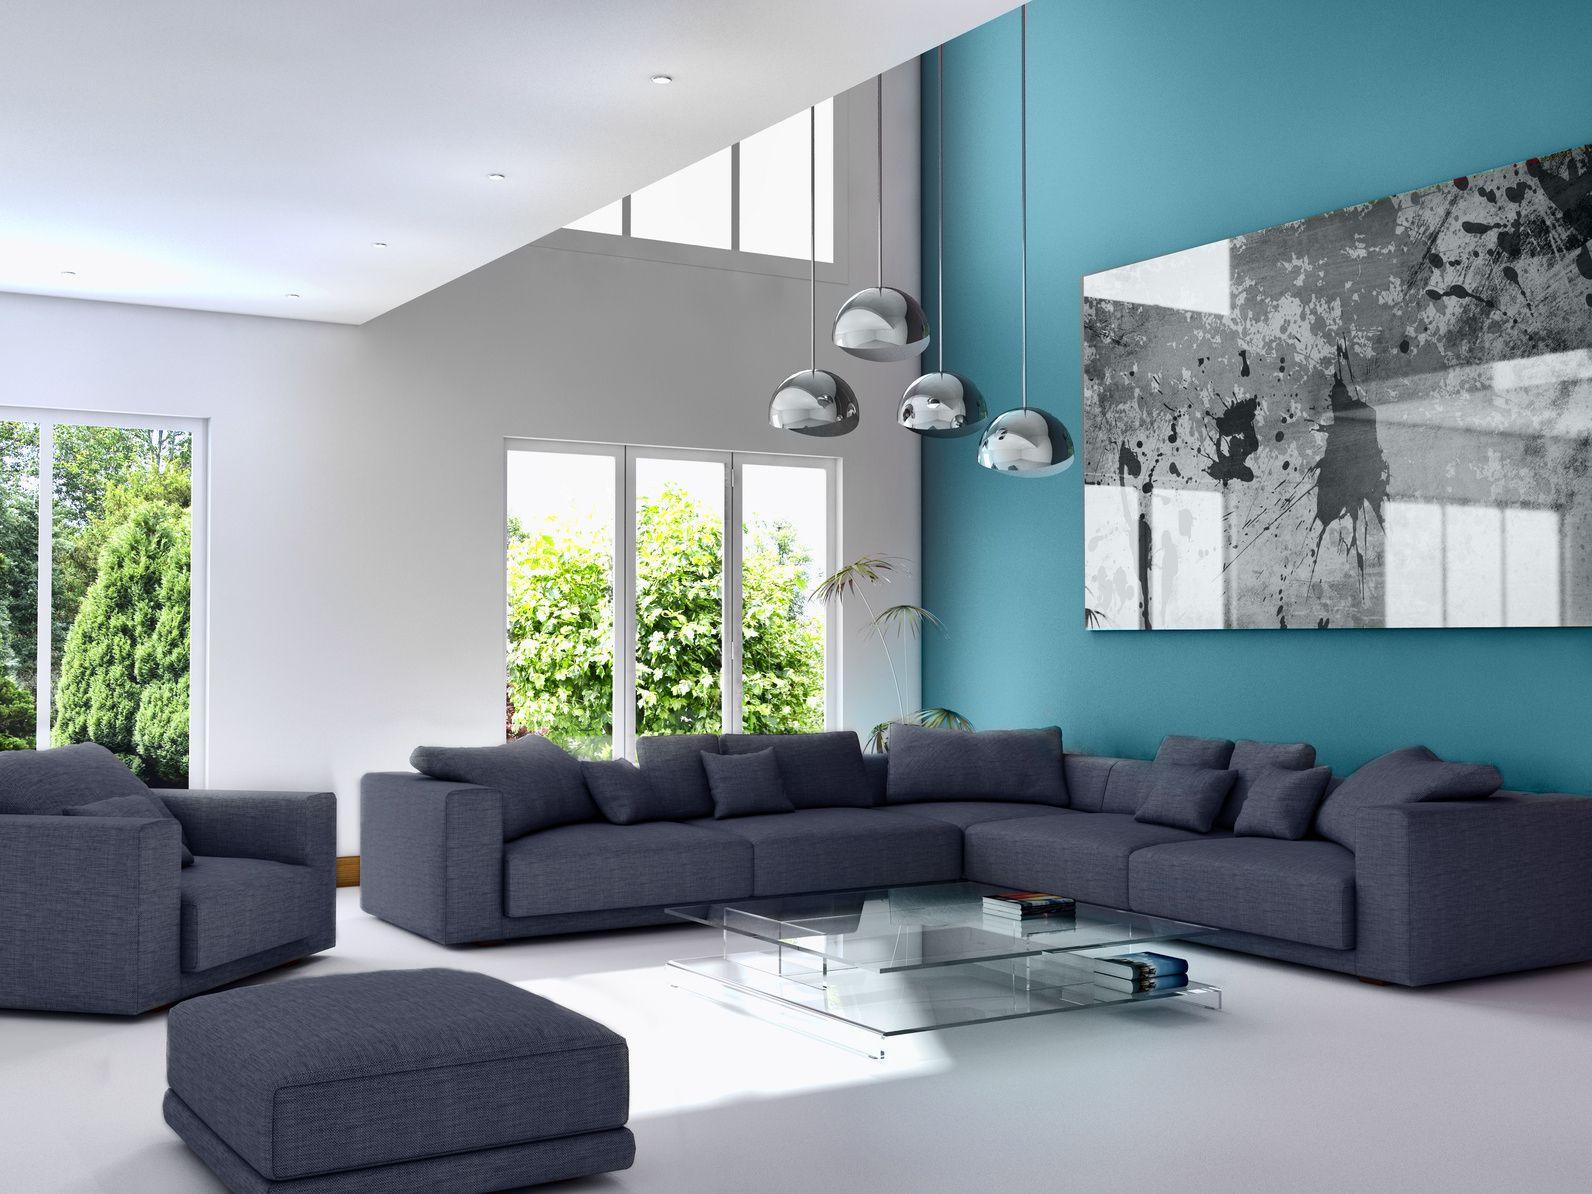 cuisine murs bleus marine - Qwant Recherche | Murs bleu marine, Salon bleu canard, Deco salon design